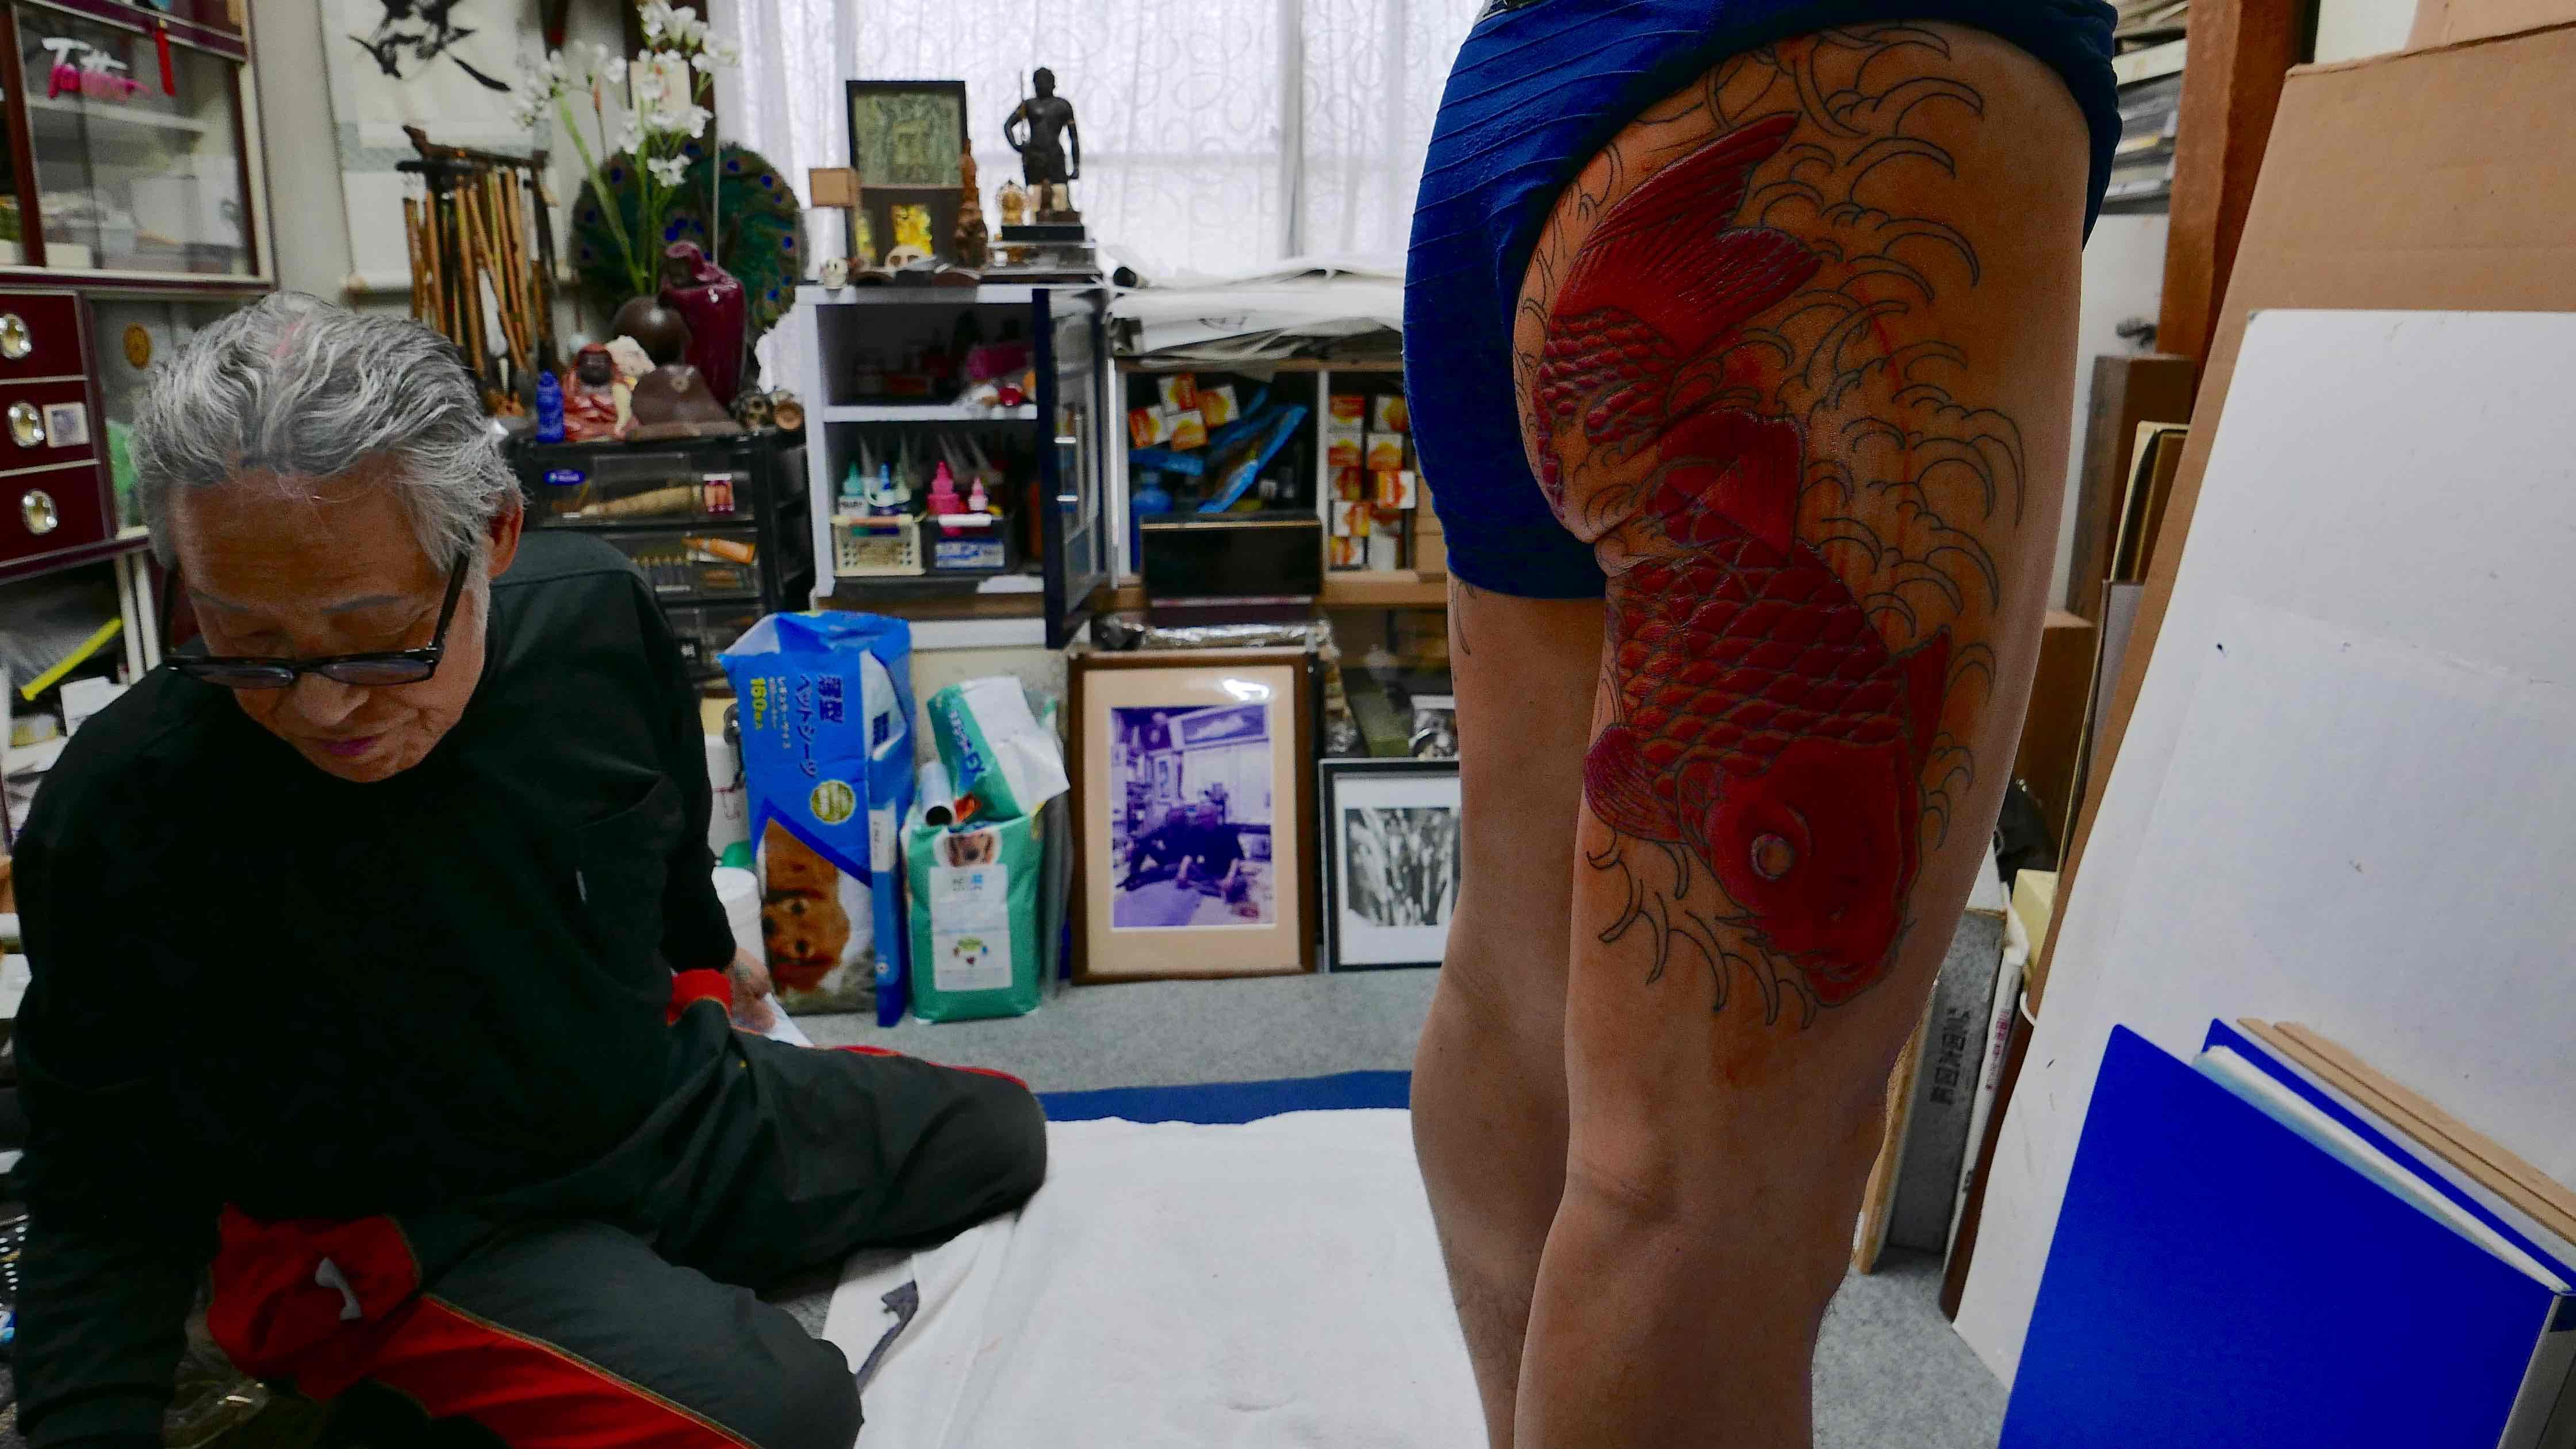 El Tatuador De Los Yakuza Explica Por Qué Los Tatuajes Nunca